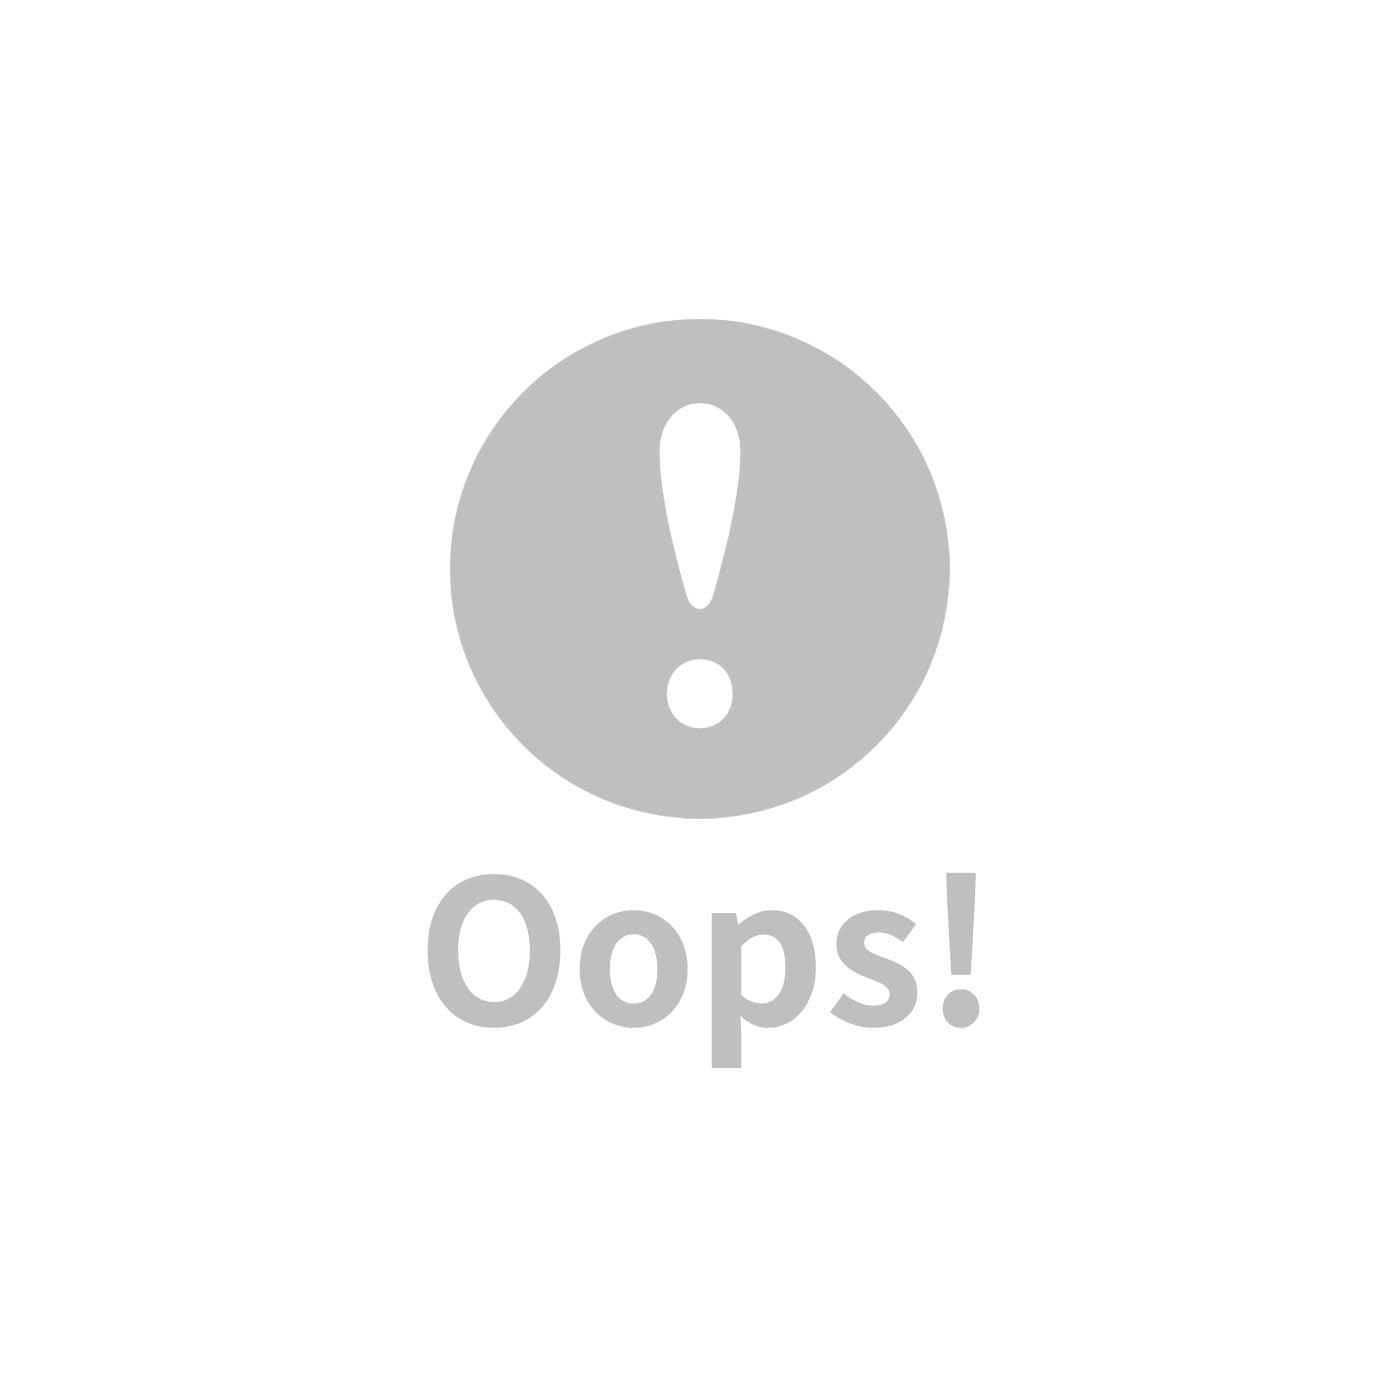 La Millou拉米洛北歐風_標準枕頭套(50 x 70 cm)-限量款小鹿斑比